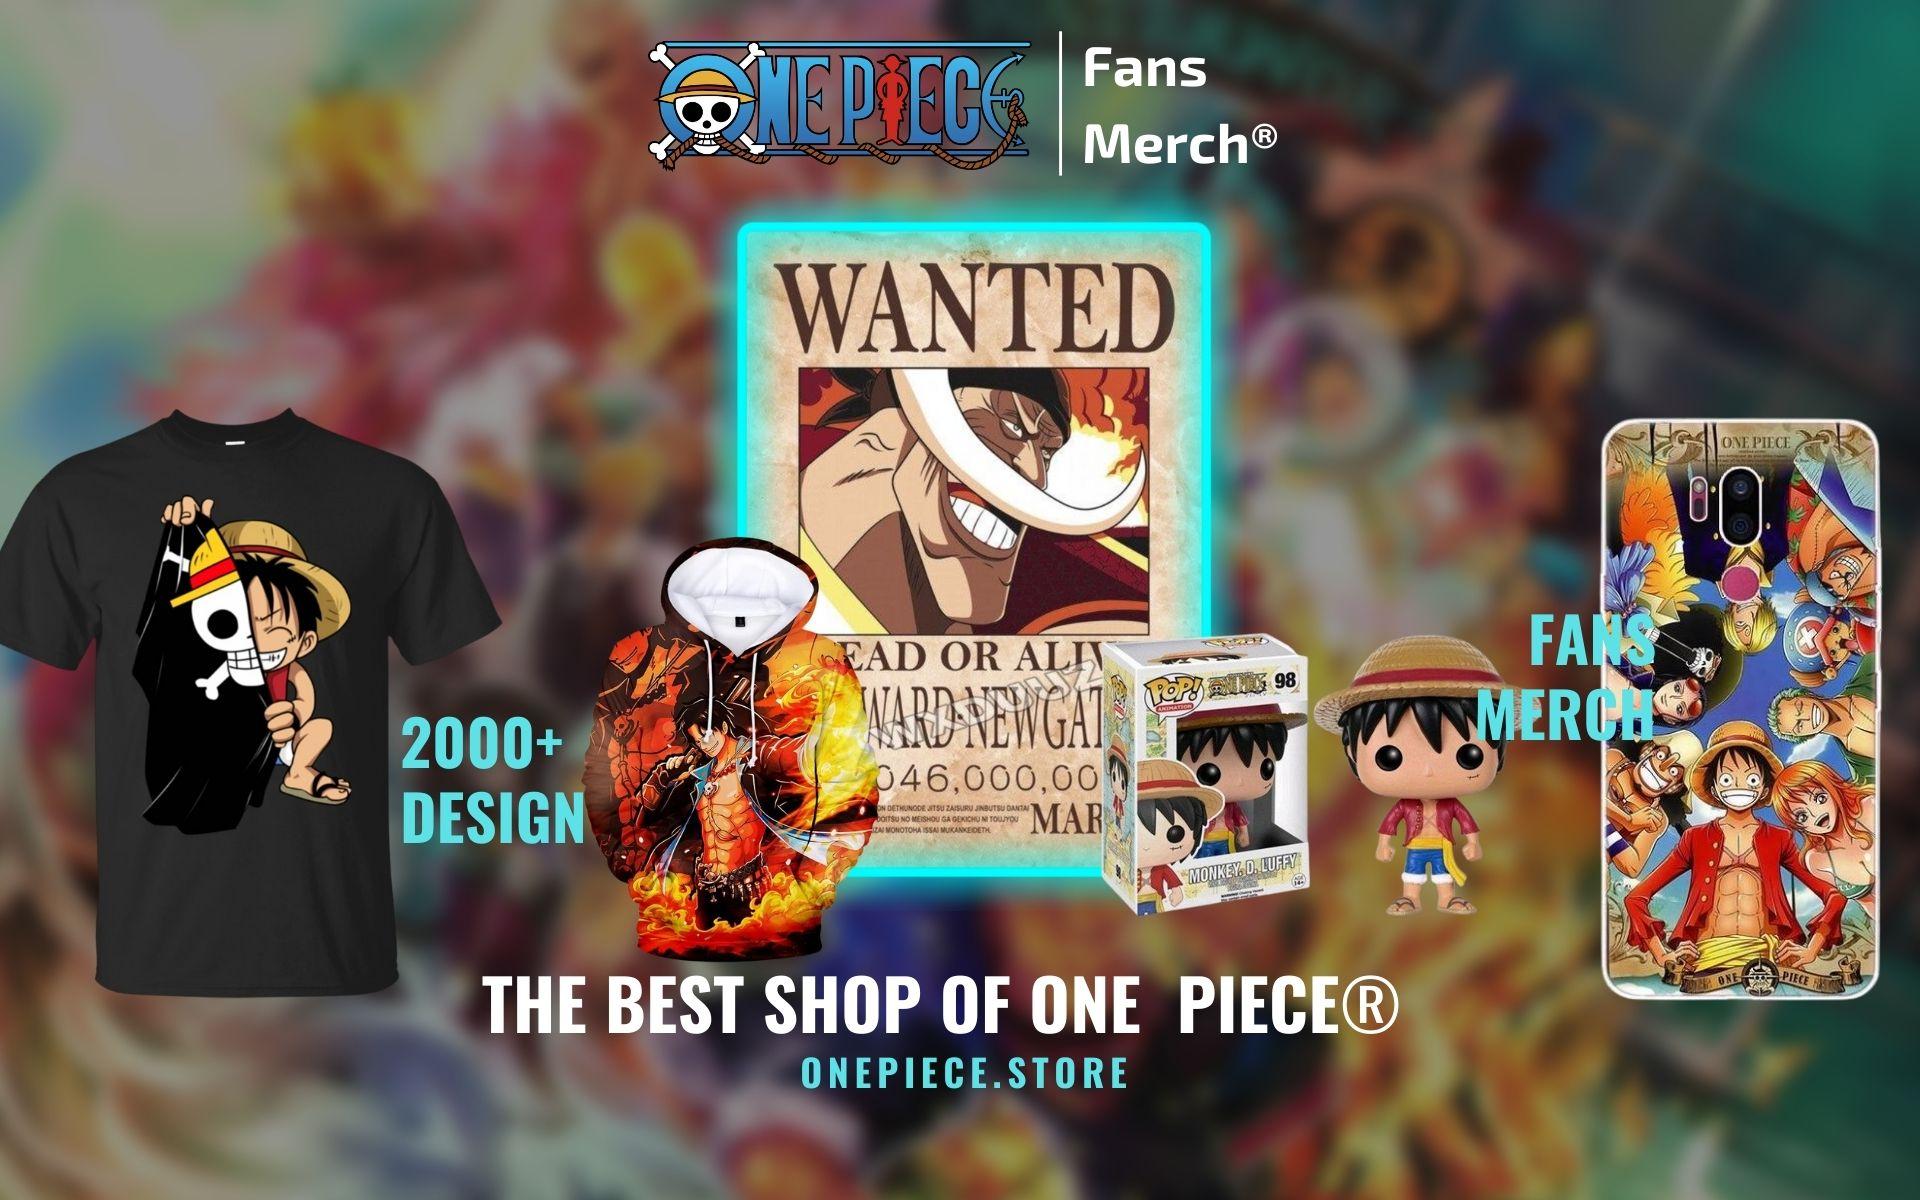 One Piece Merch Web Banner - One Piece Store